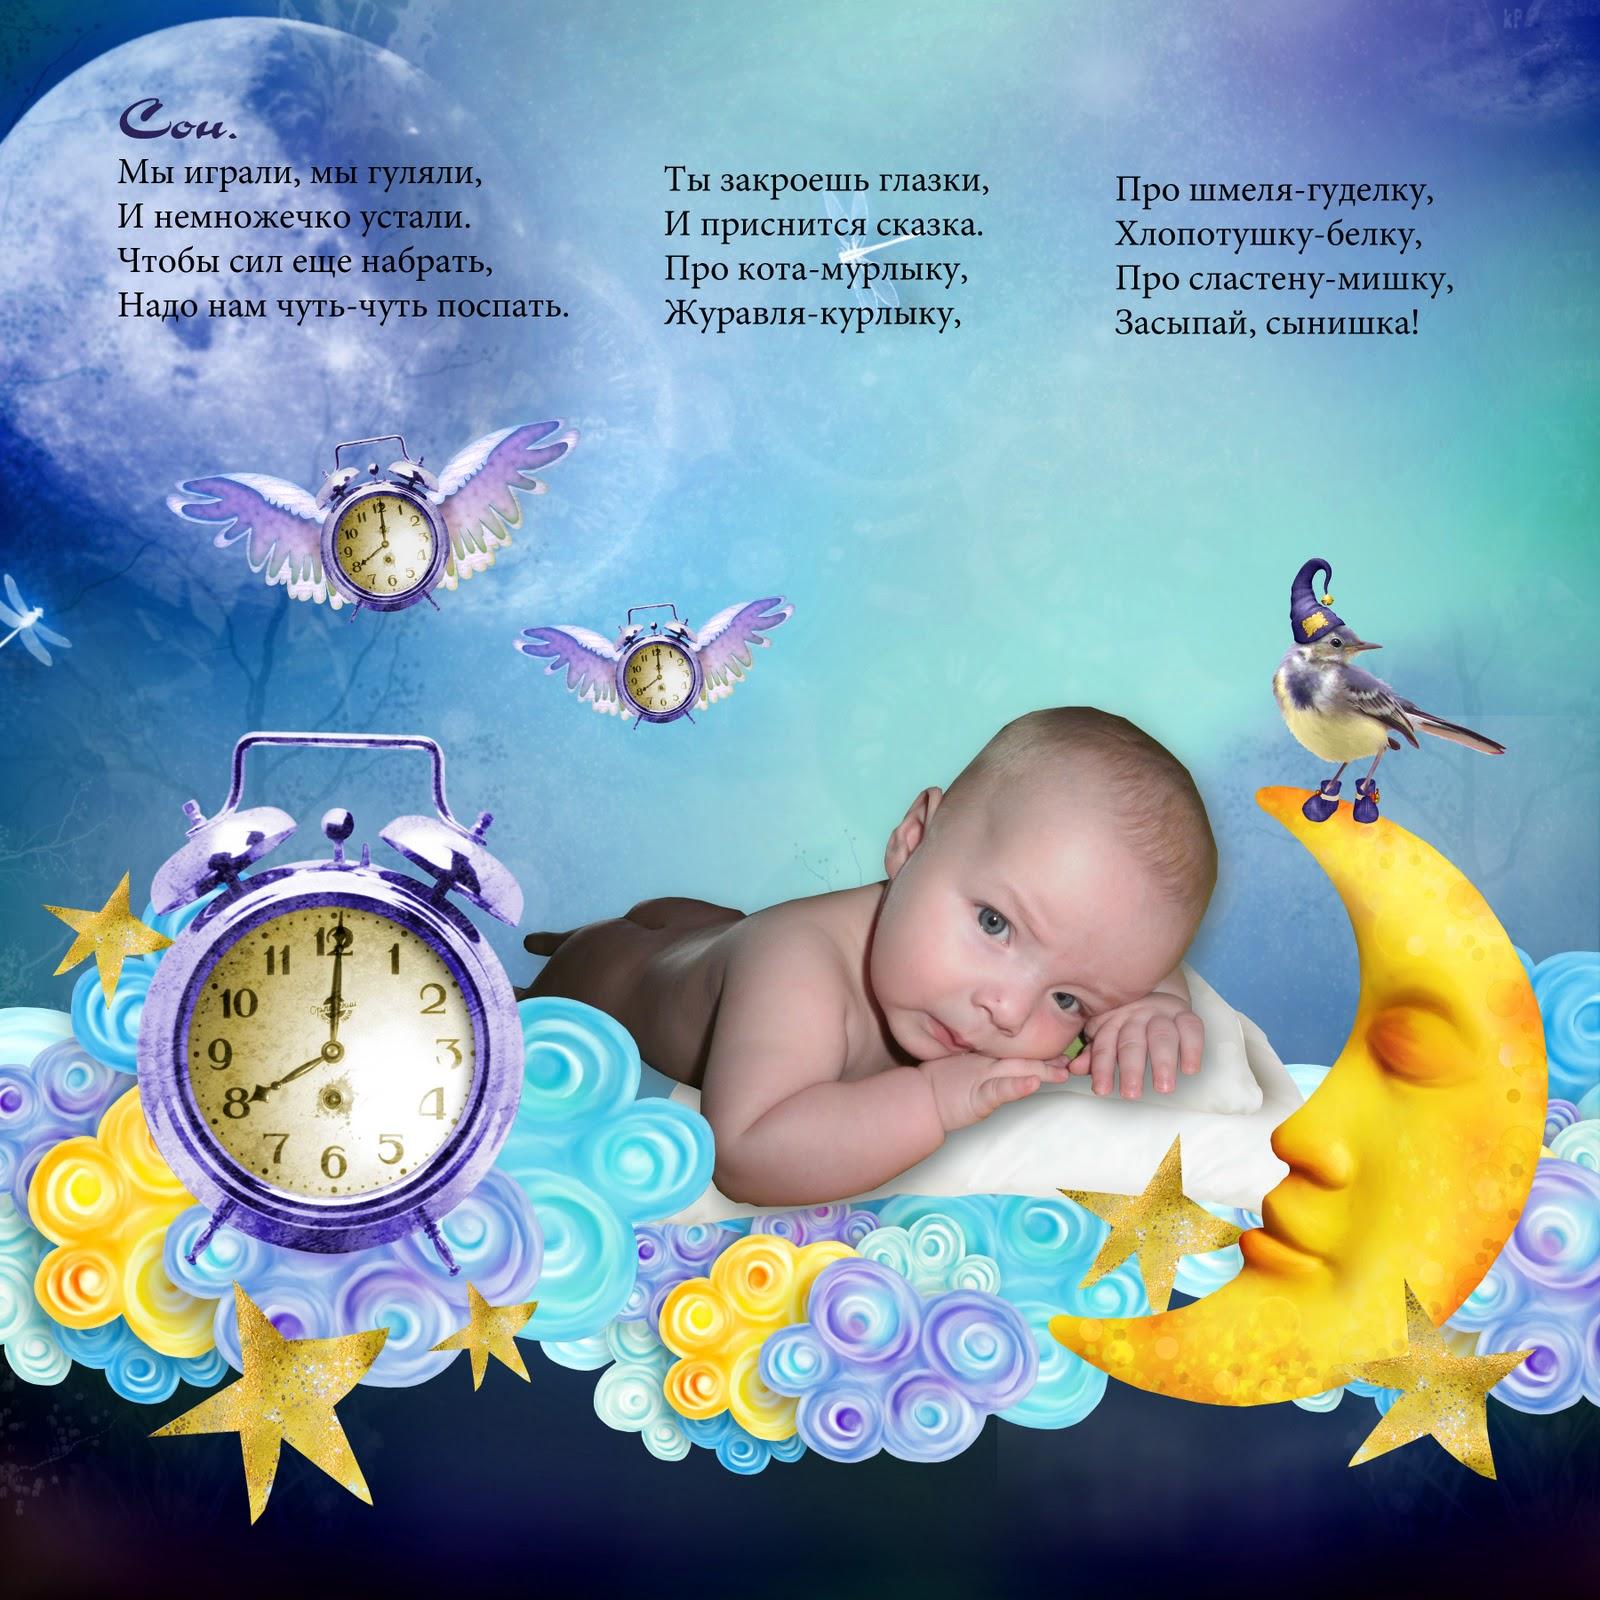 Поздравление сыночку на 9 месяцев от мамы